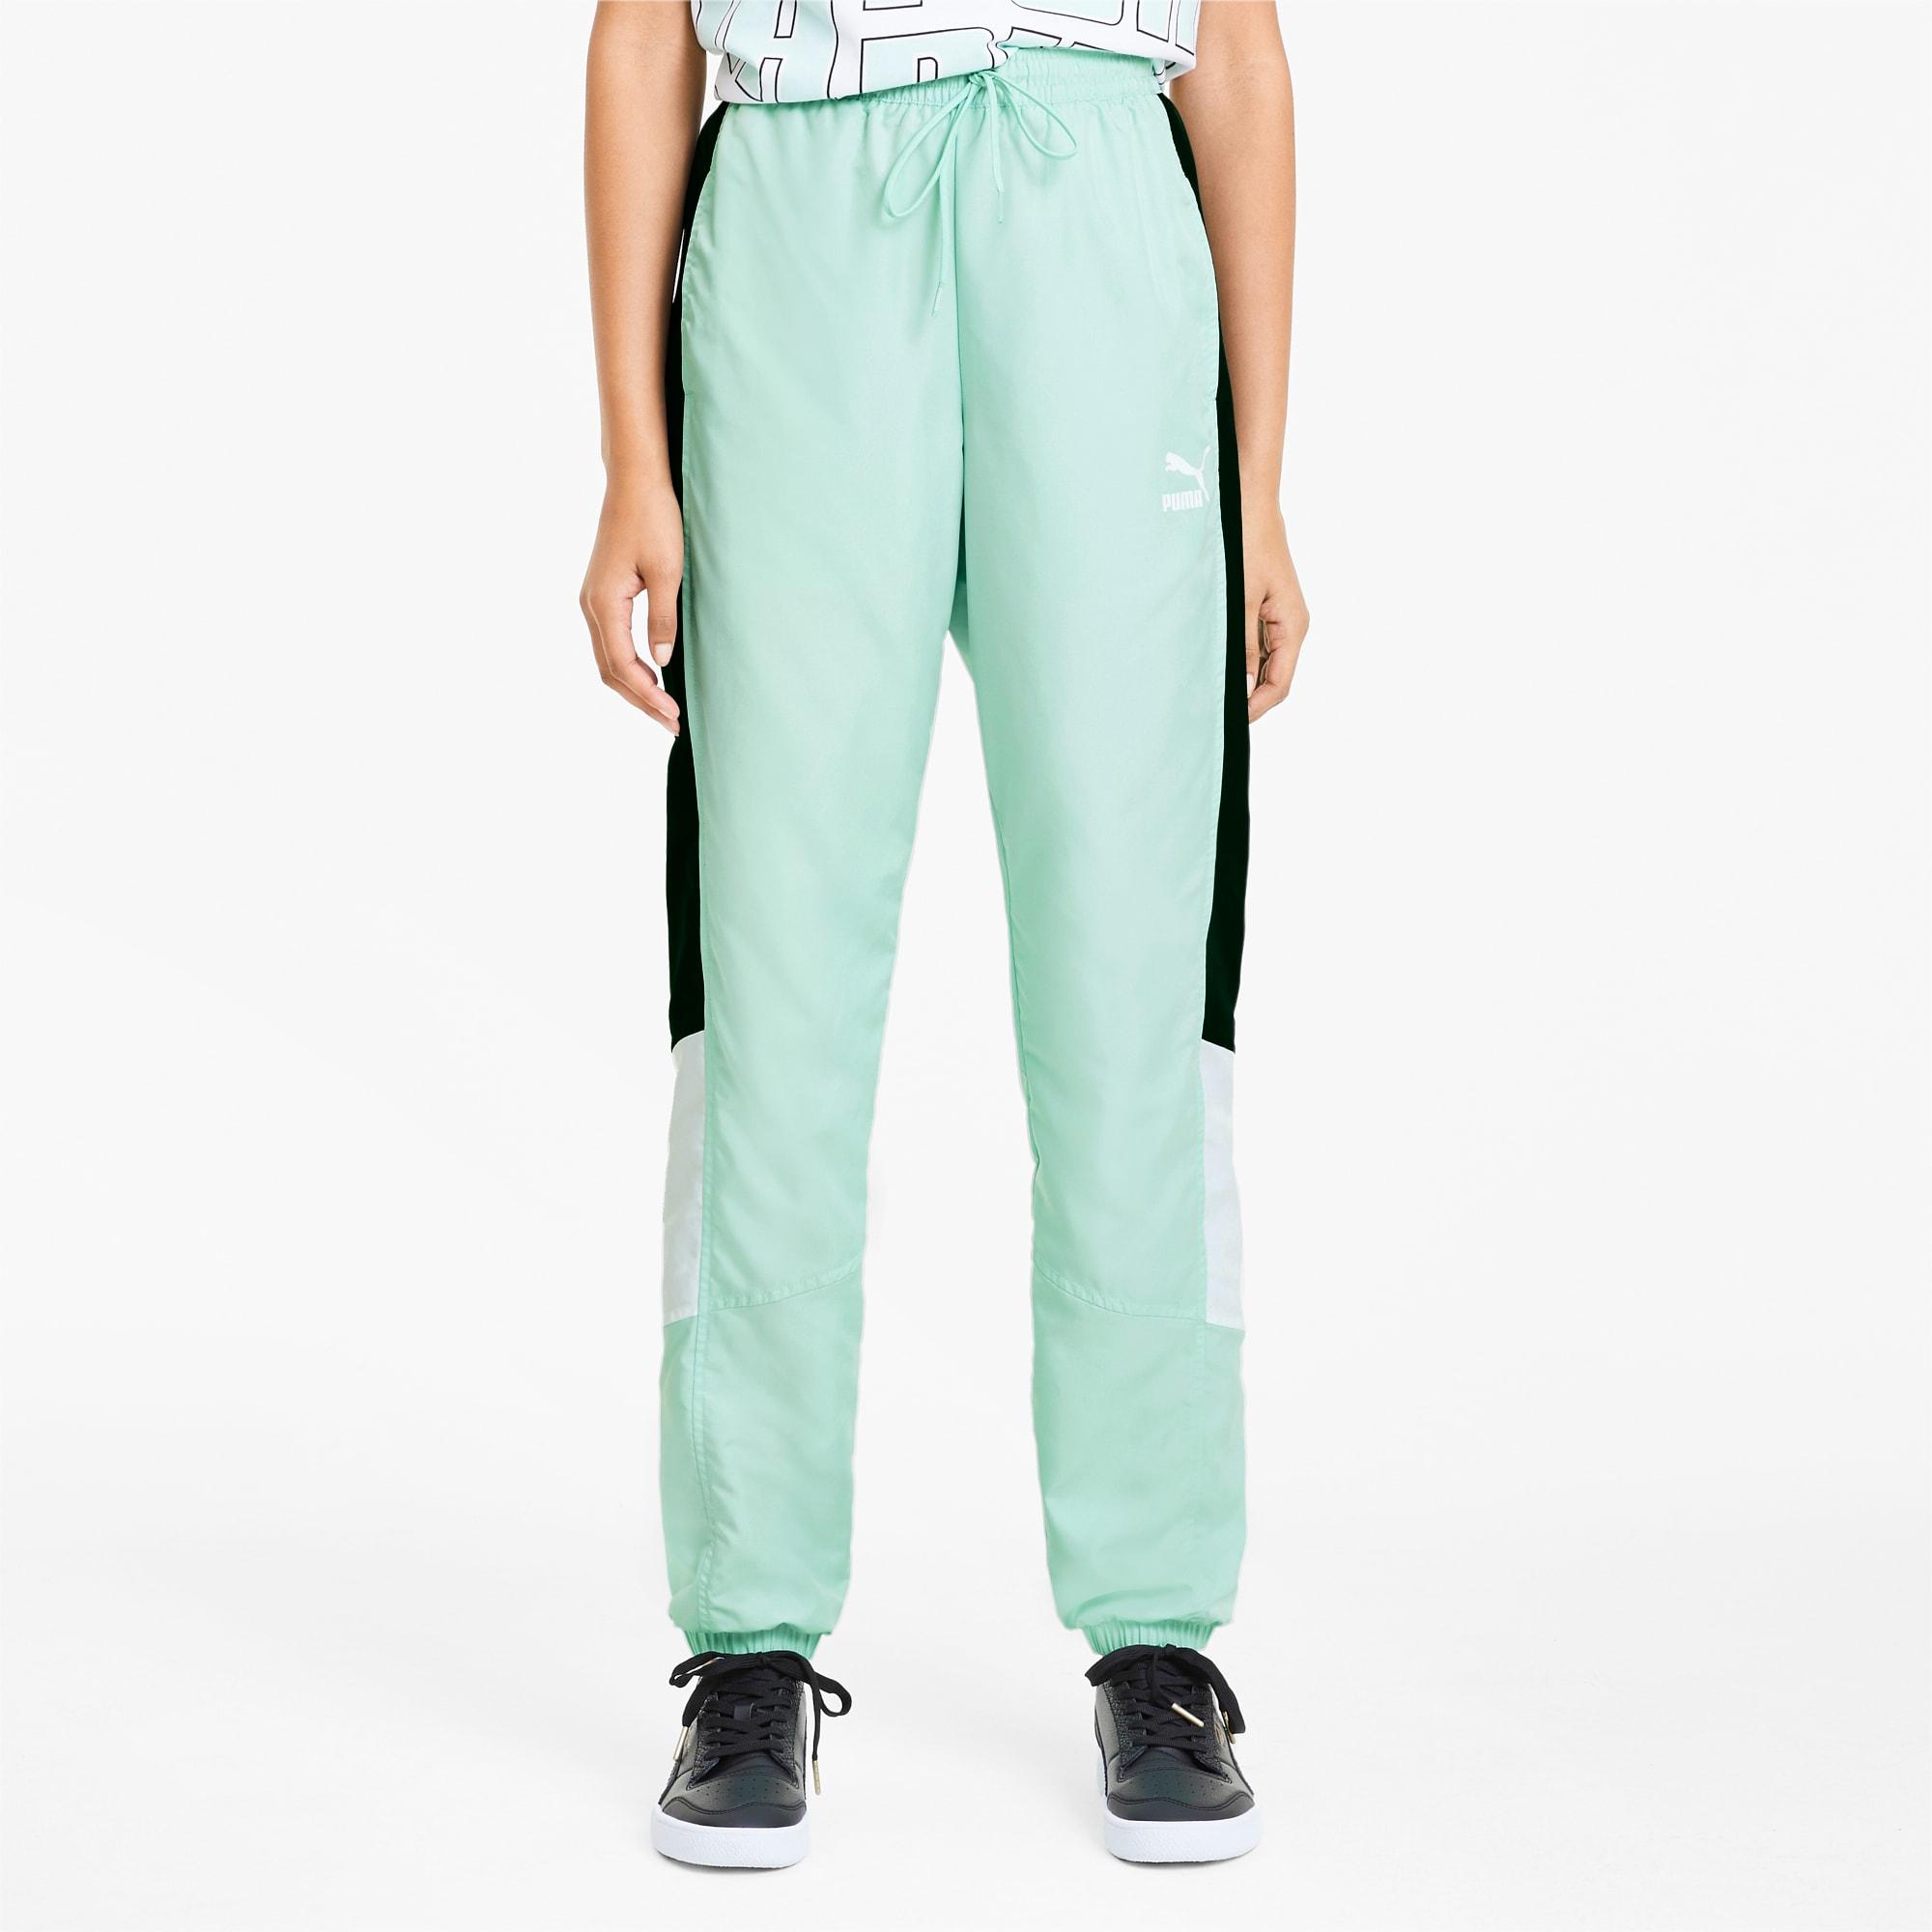 in vendita bb08a 6425c Pantaloni da ginnastica da donna lavorati a maglia Tailored for ...